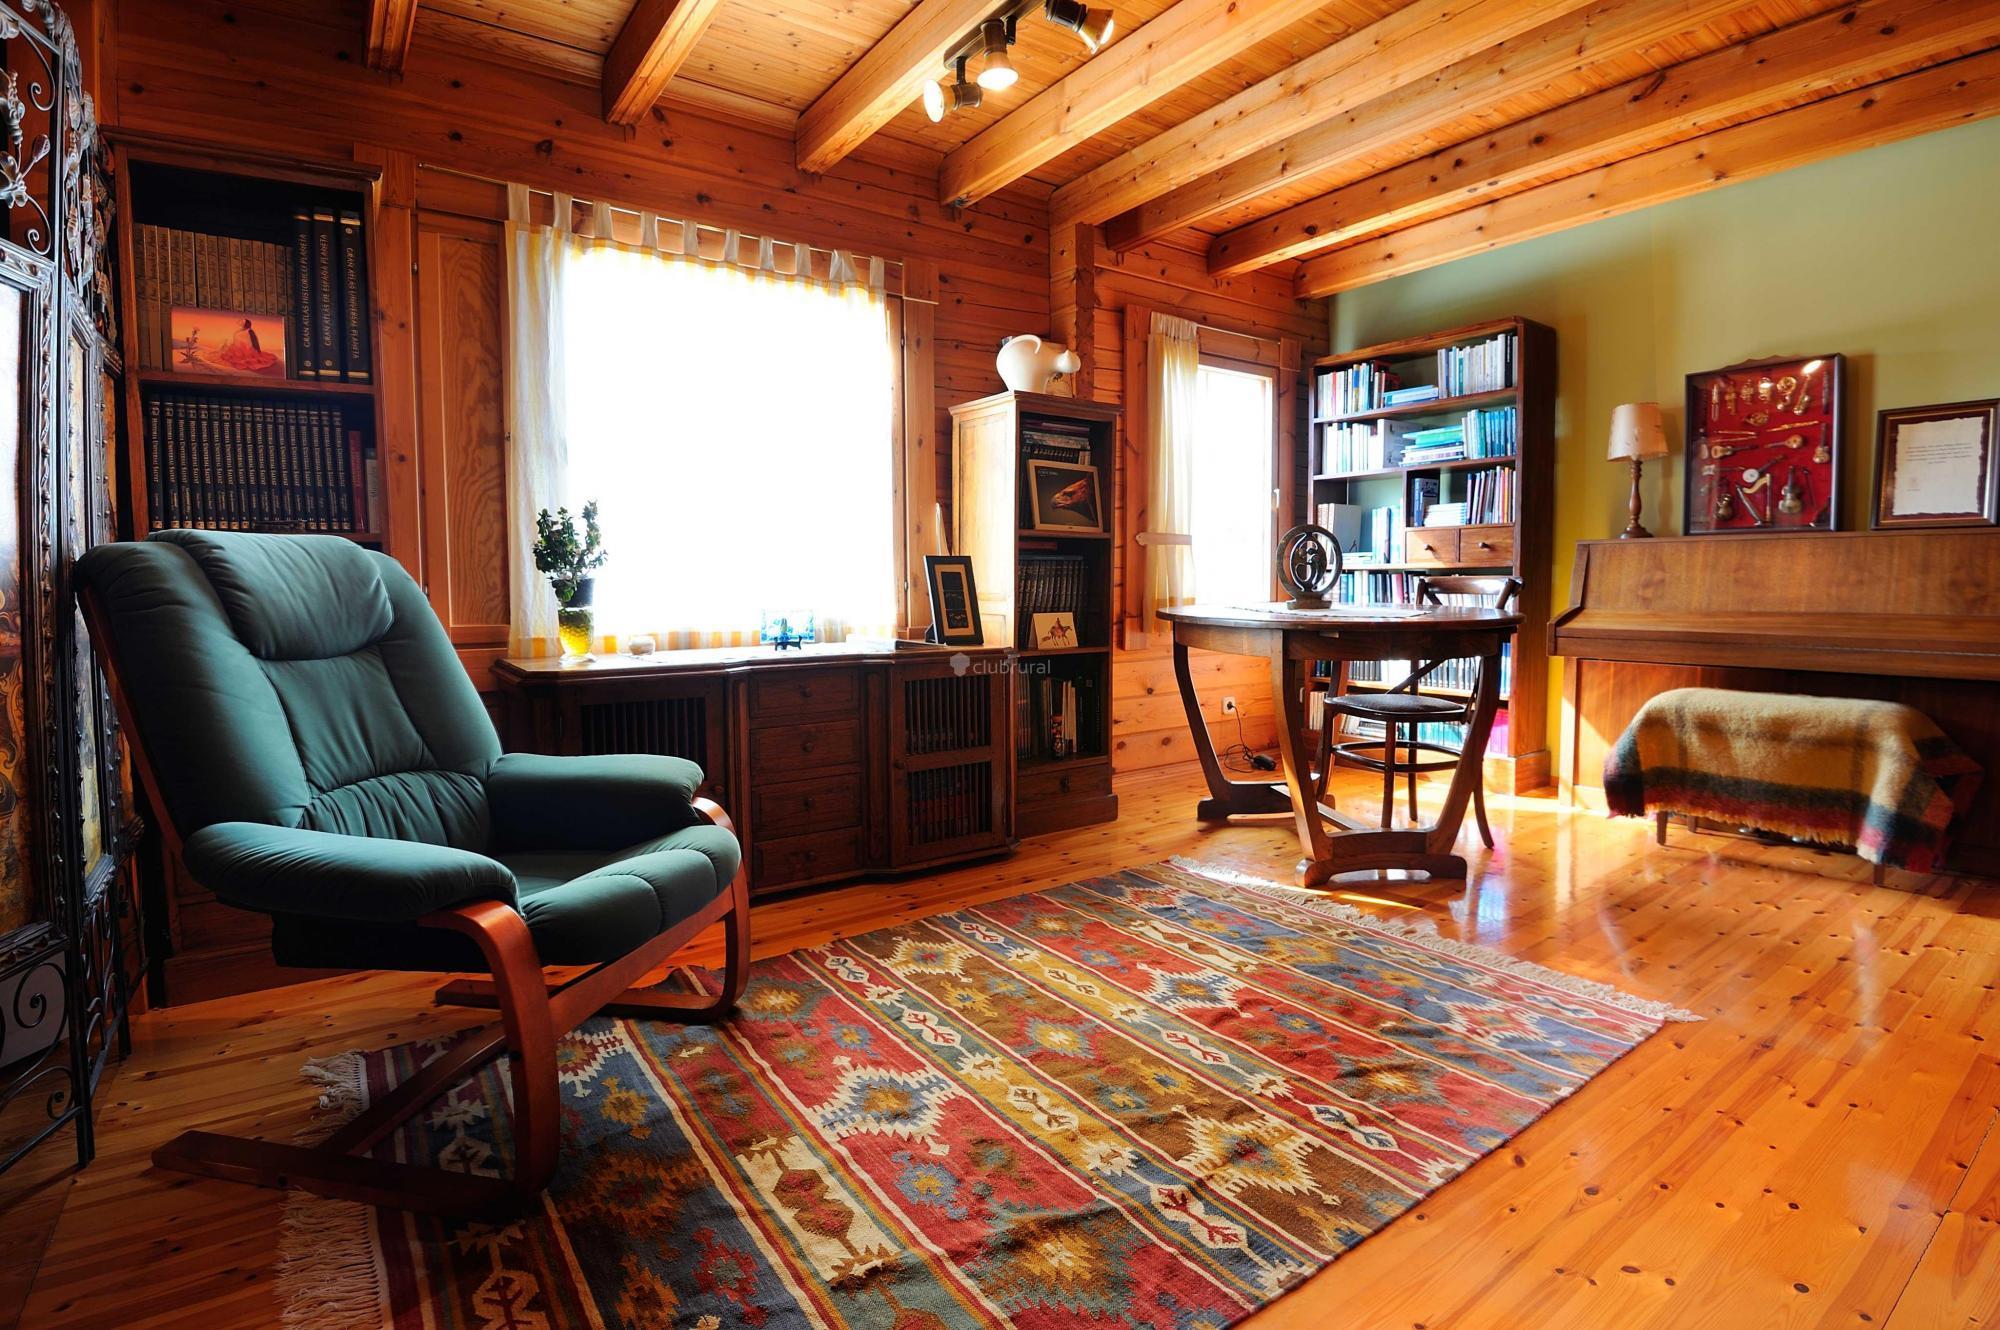 Fotos de la casa de madera vizcaya arrieta clubrural - Casaa de madera ...